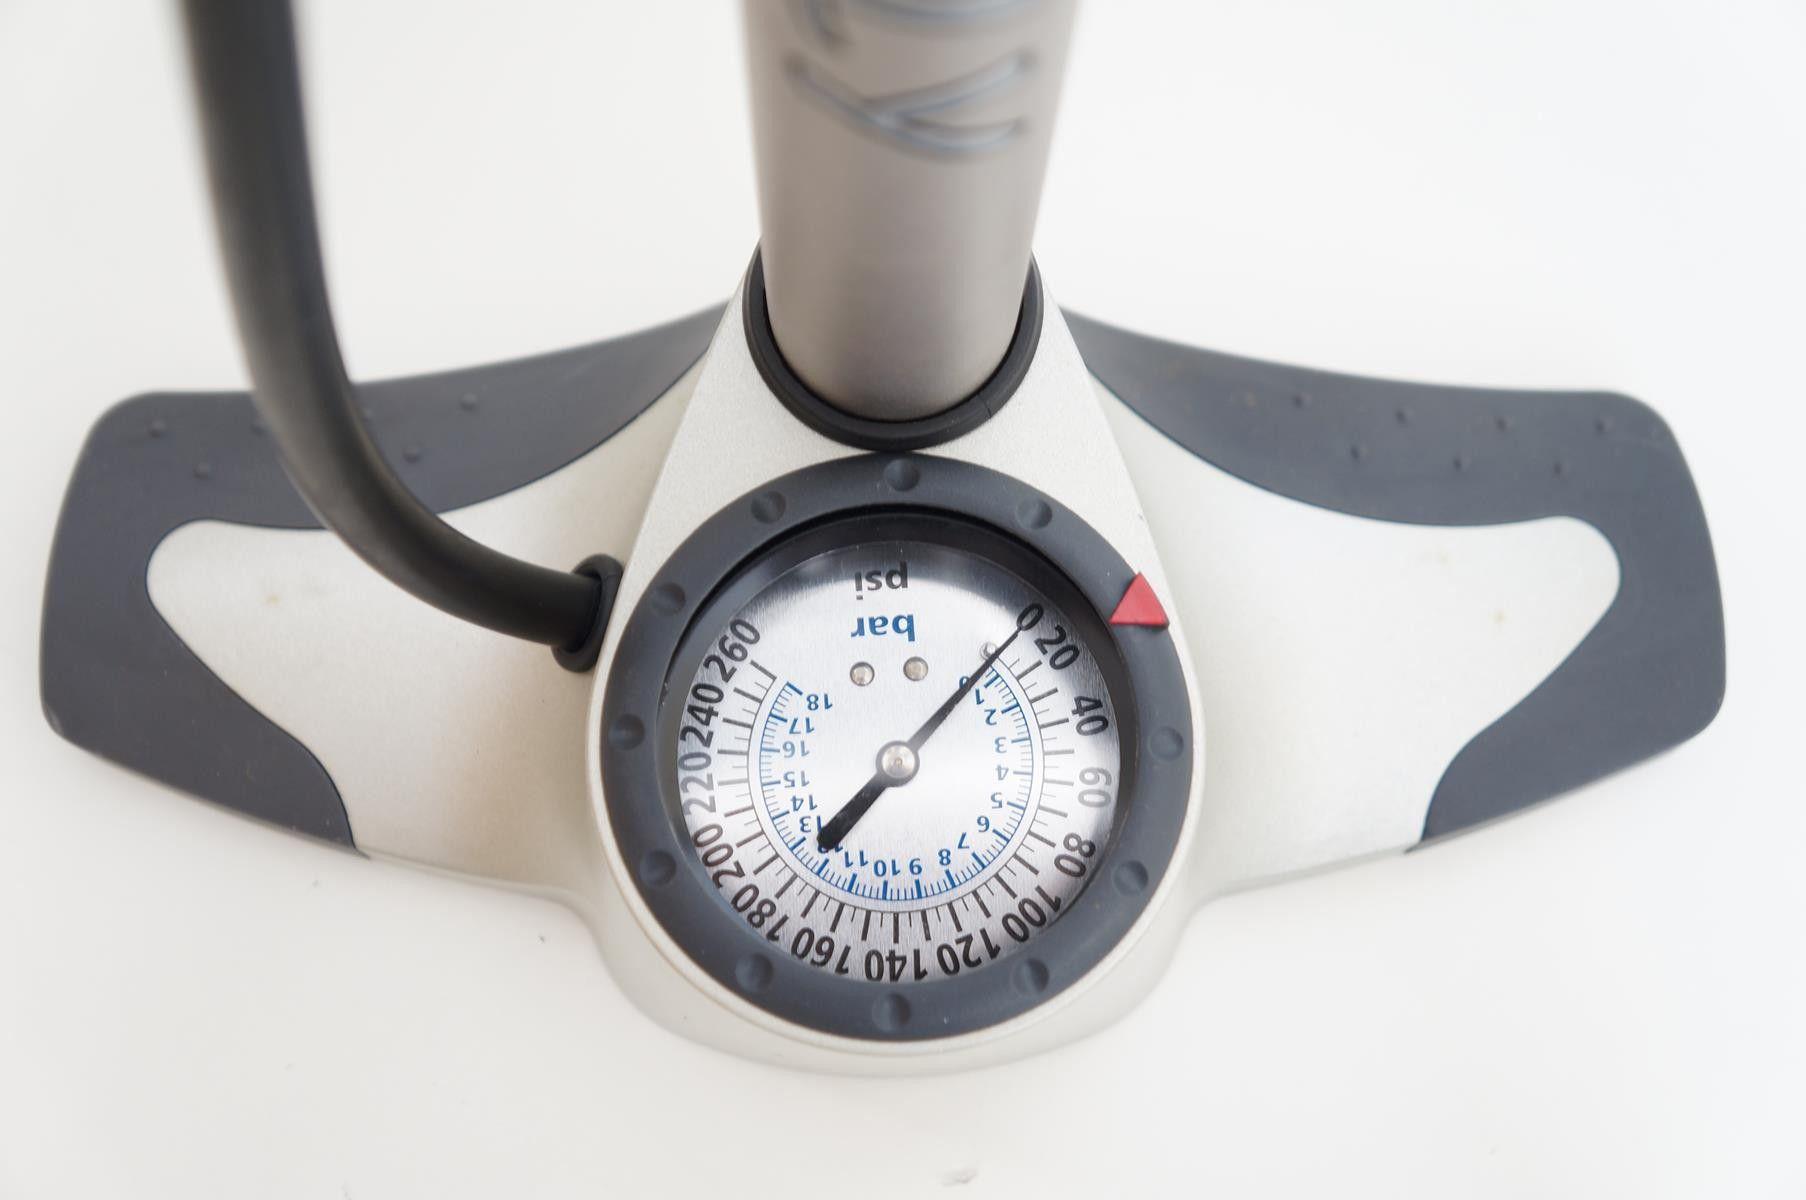 Bomba de Pé para bicicletas Giyo GF12 Com Manômetro alta pressão 260psi